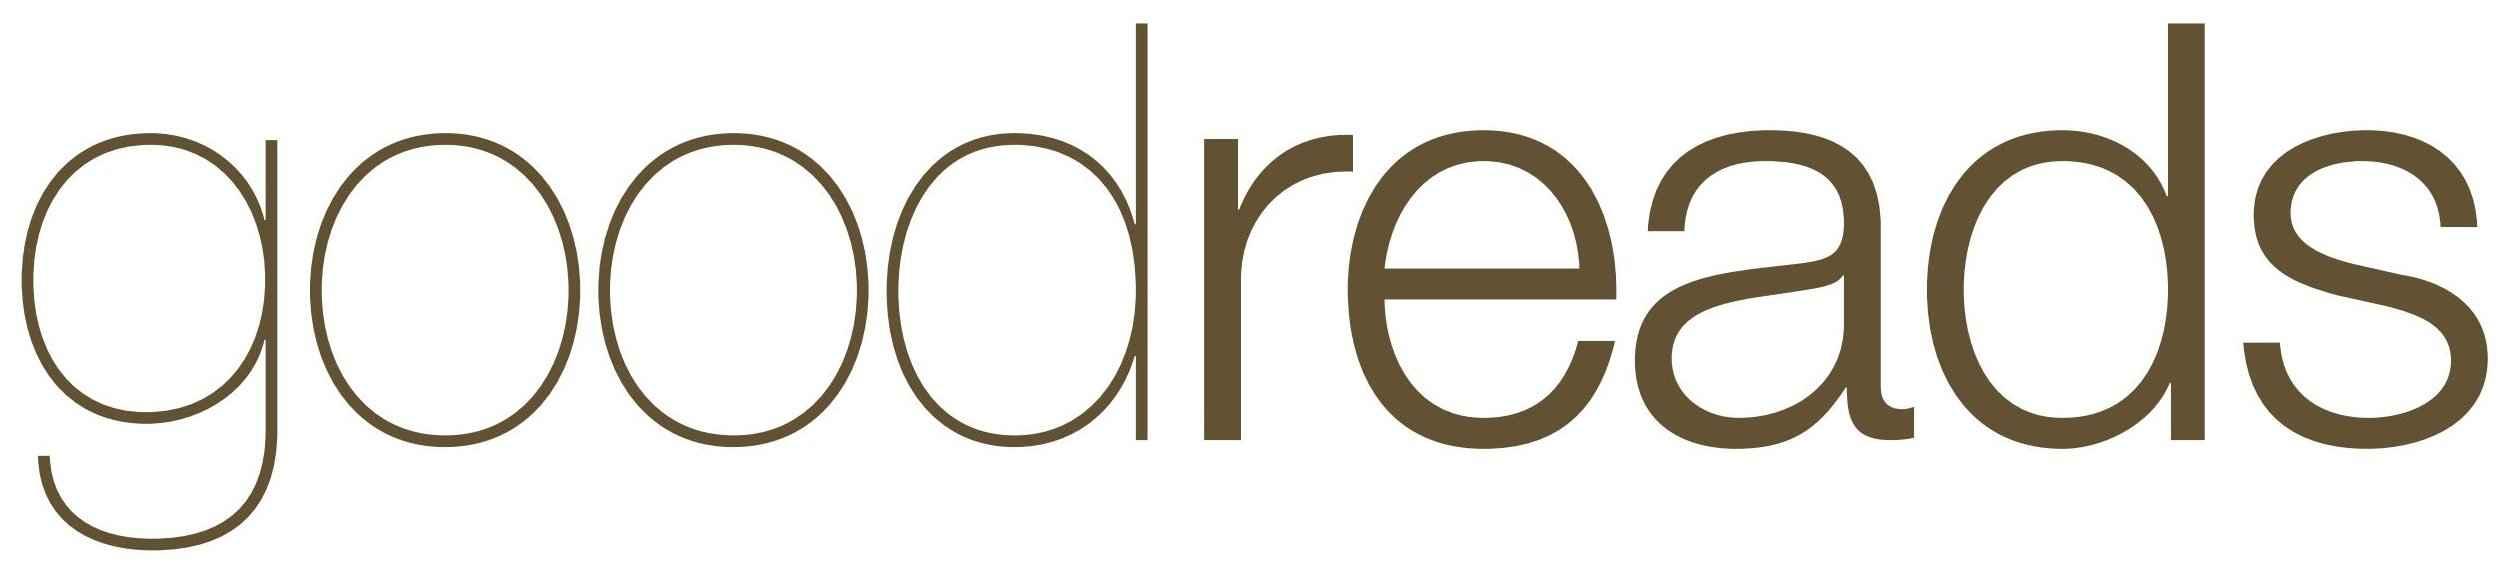 goodreads-com-logo